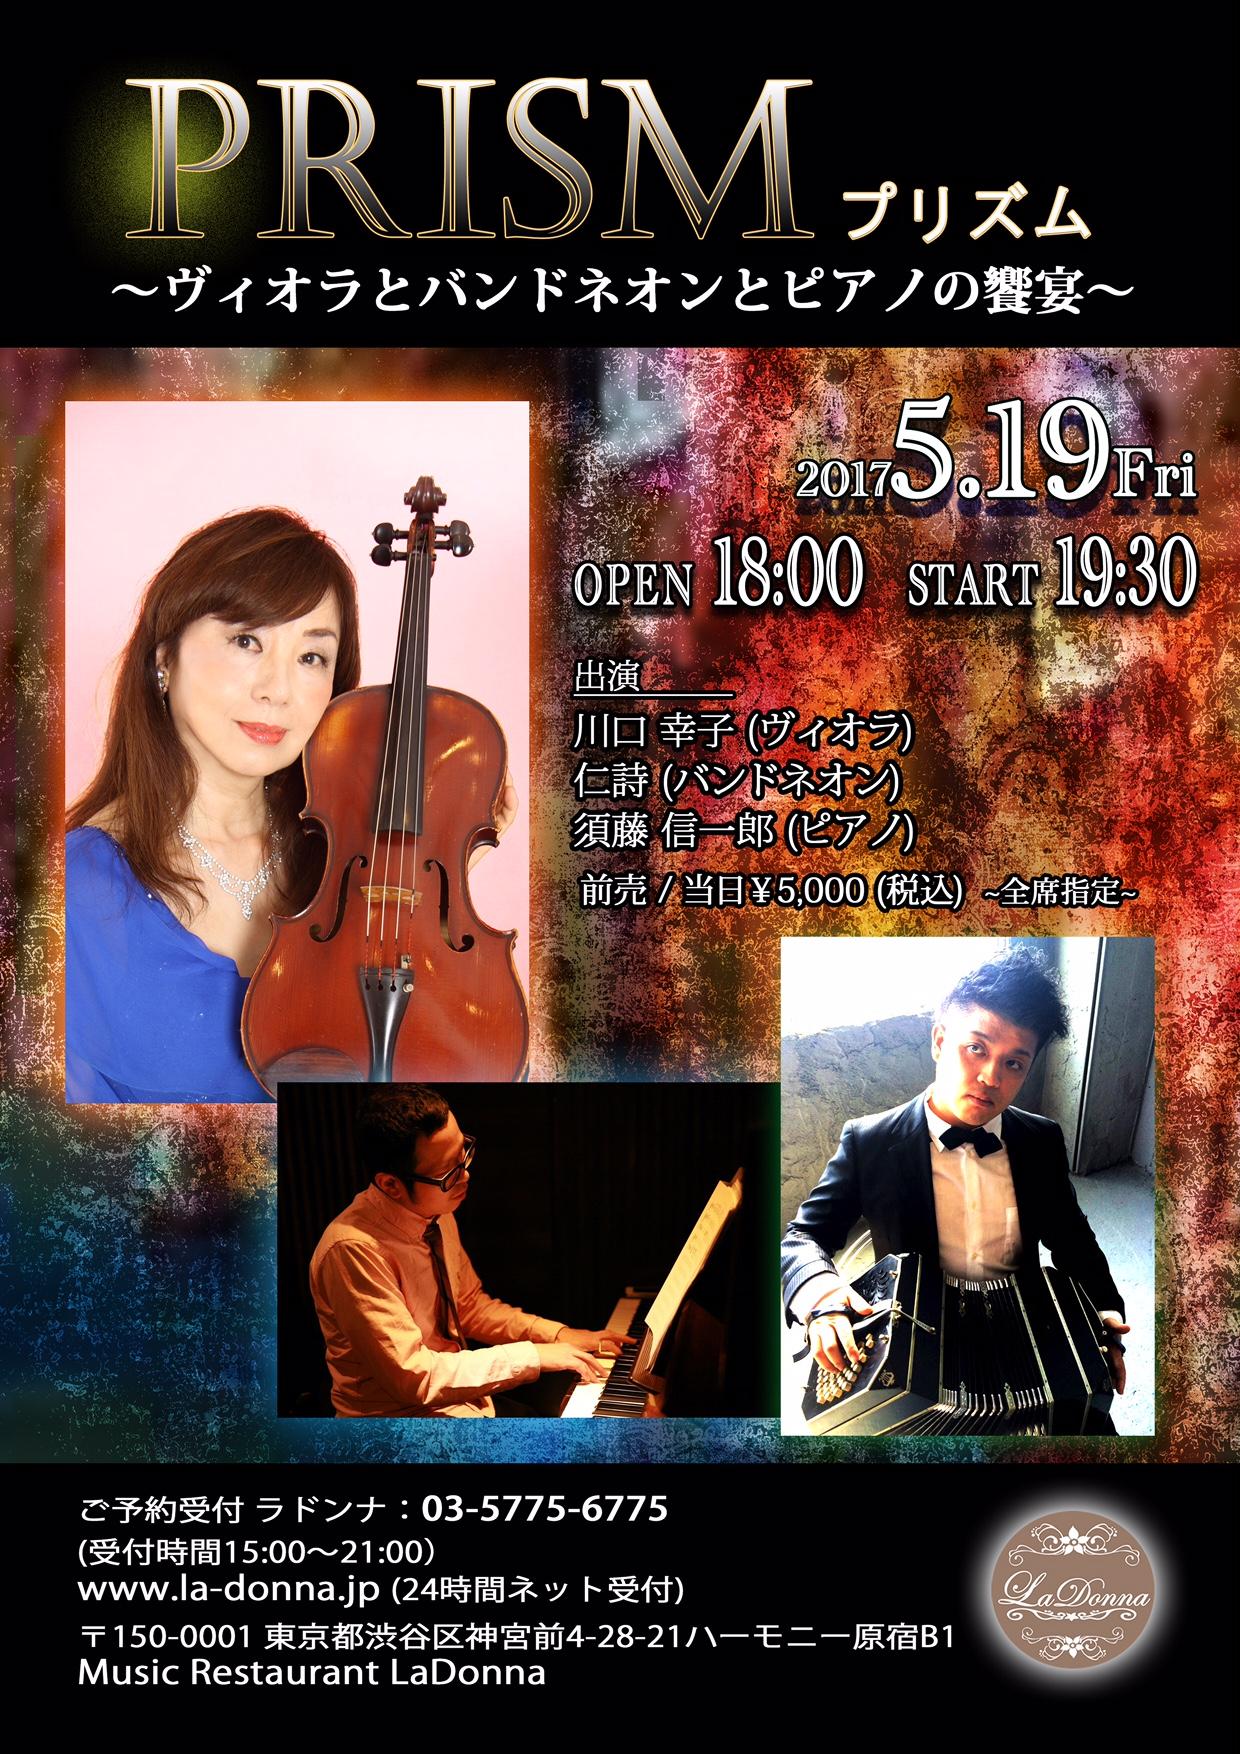 PRISMプリズム ~ヴィオラとバンドネオンとピアノの饗宴~